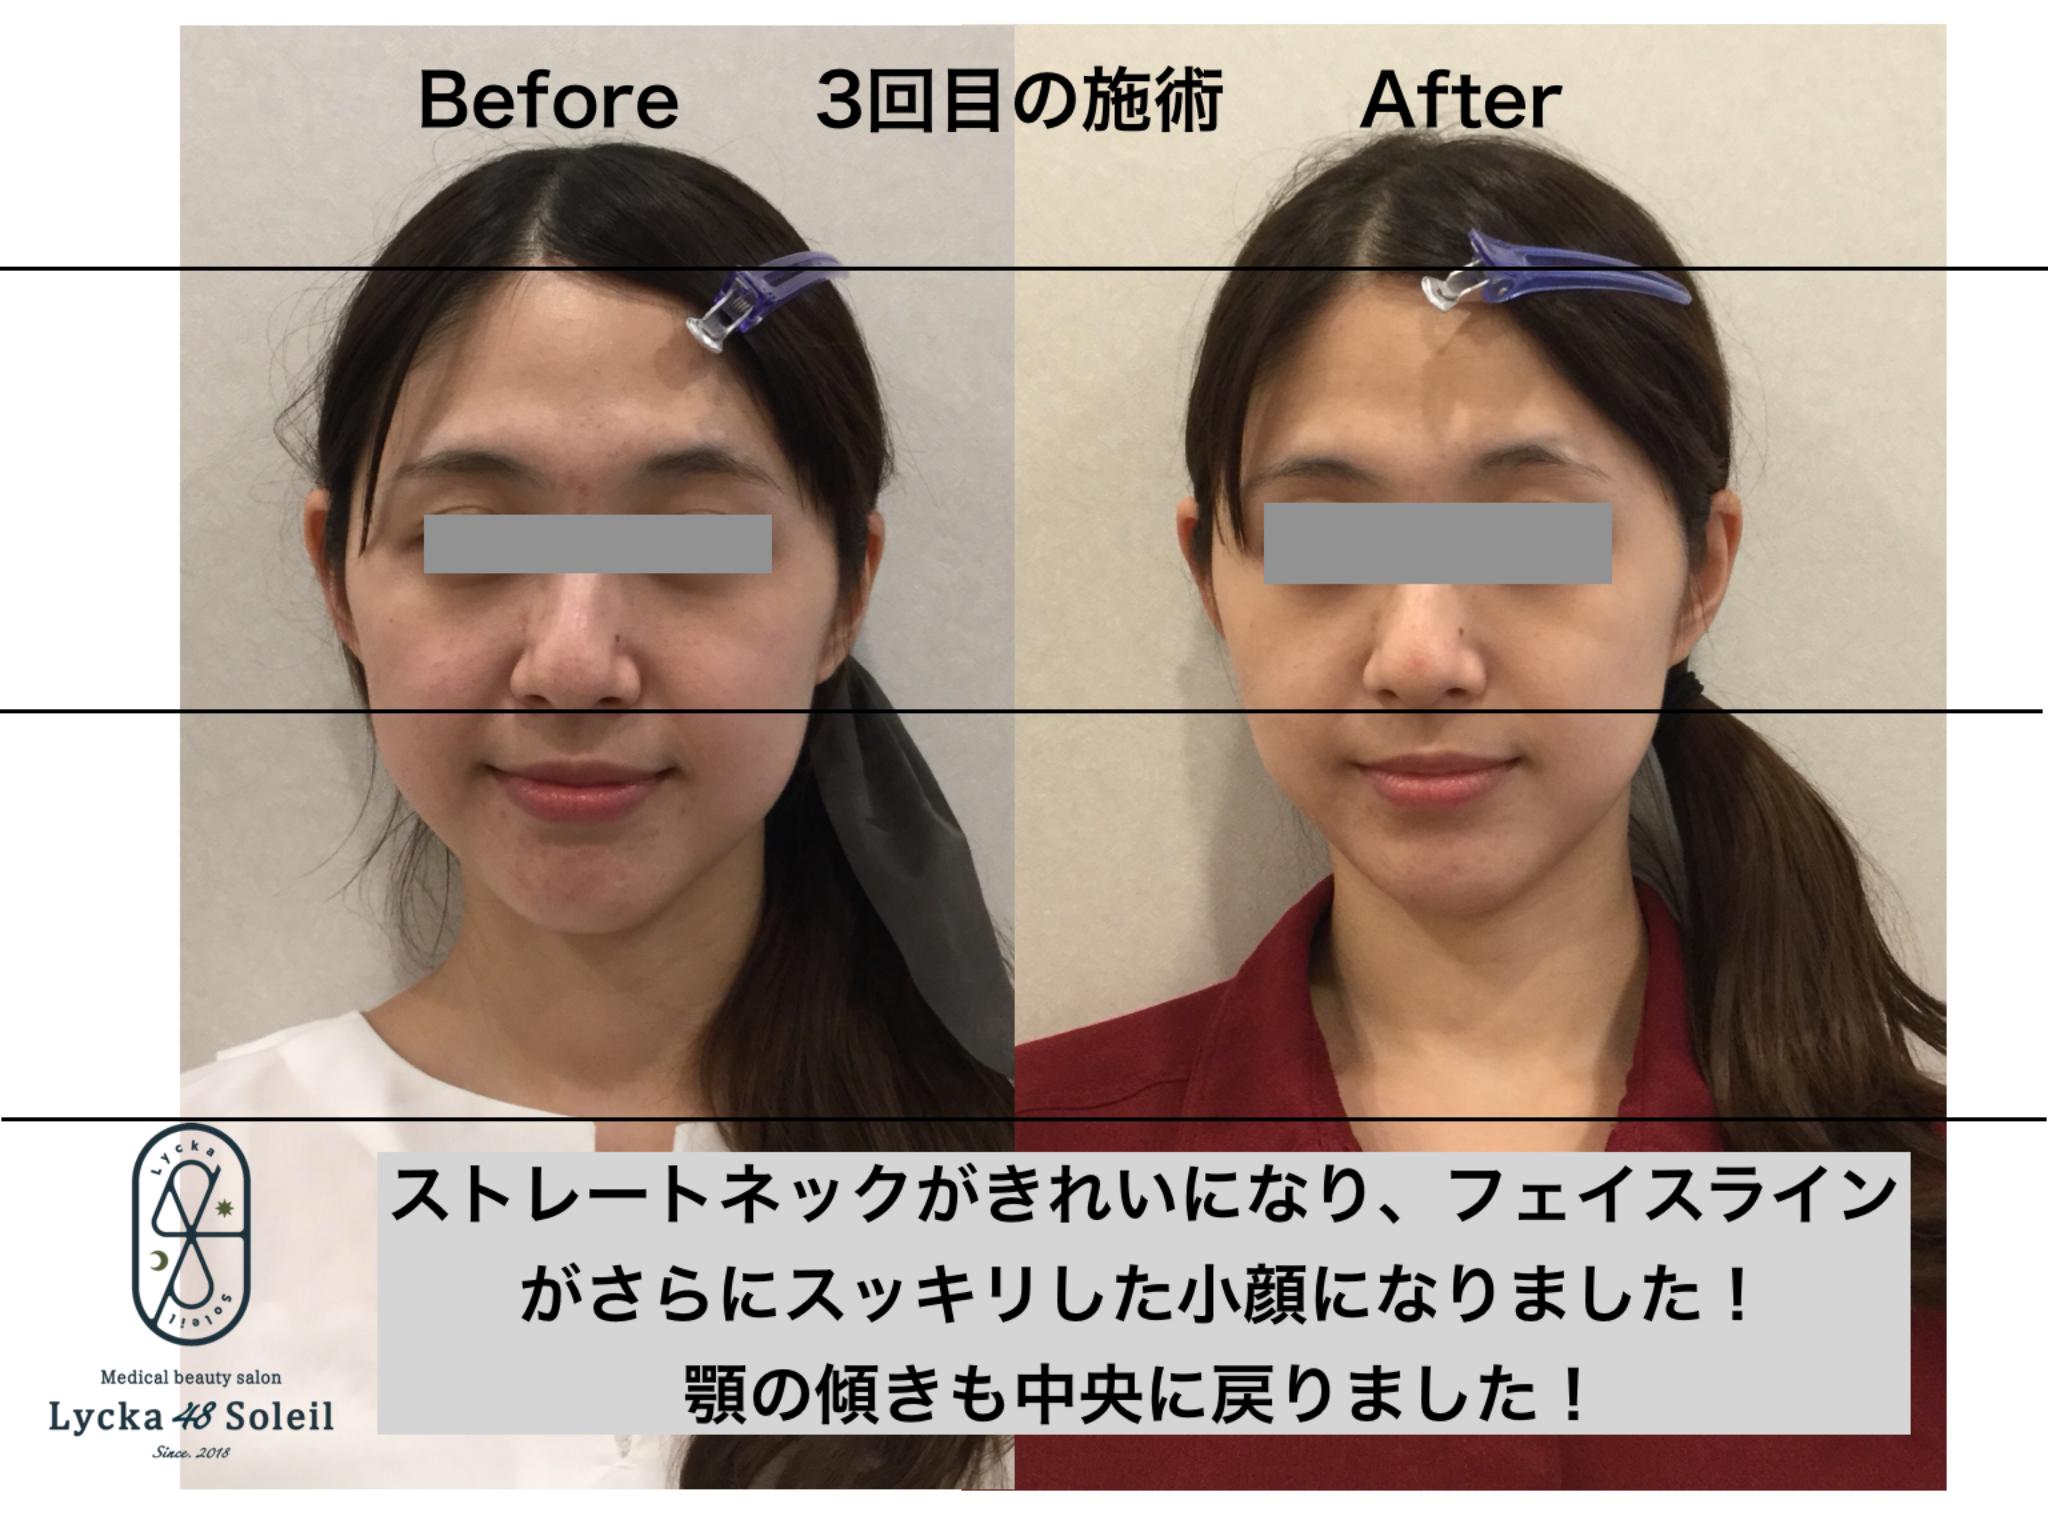 顔の印象が変わる小顔美調整技術!オッセオポスチュア FACE